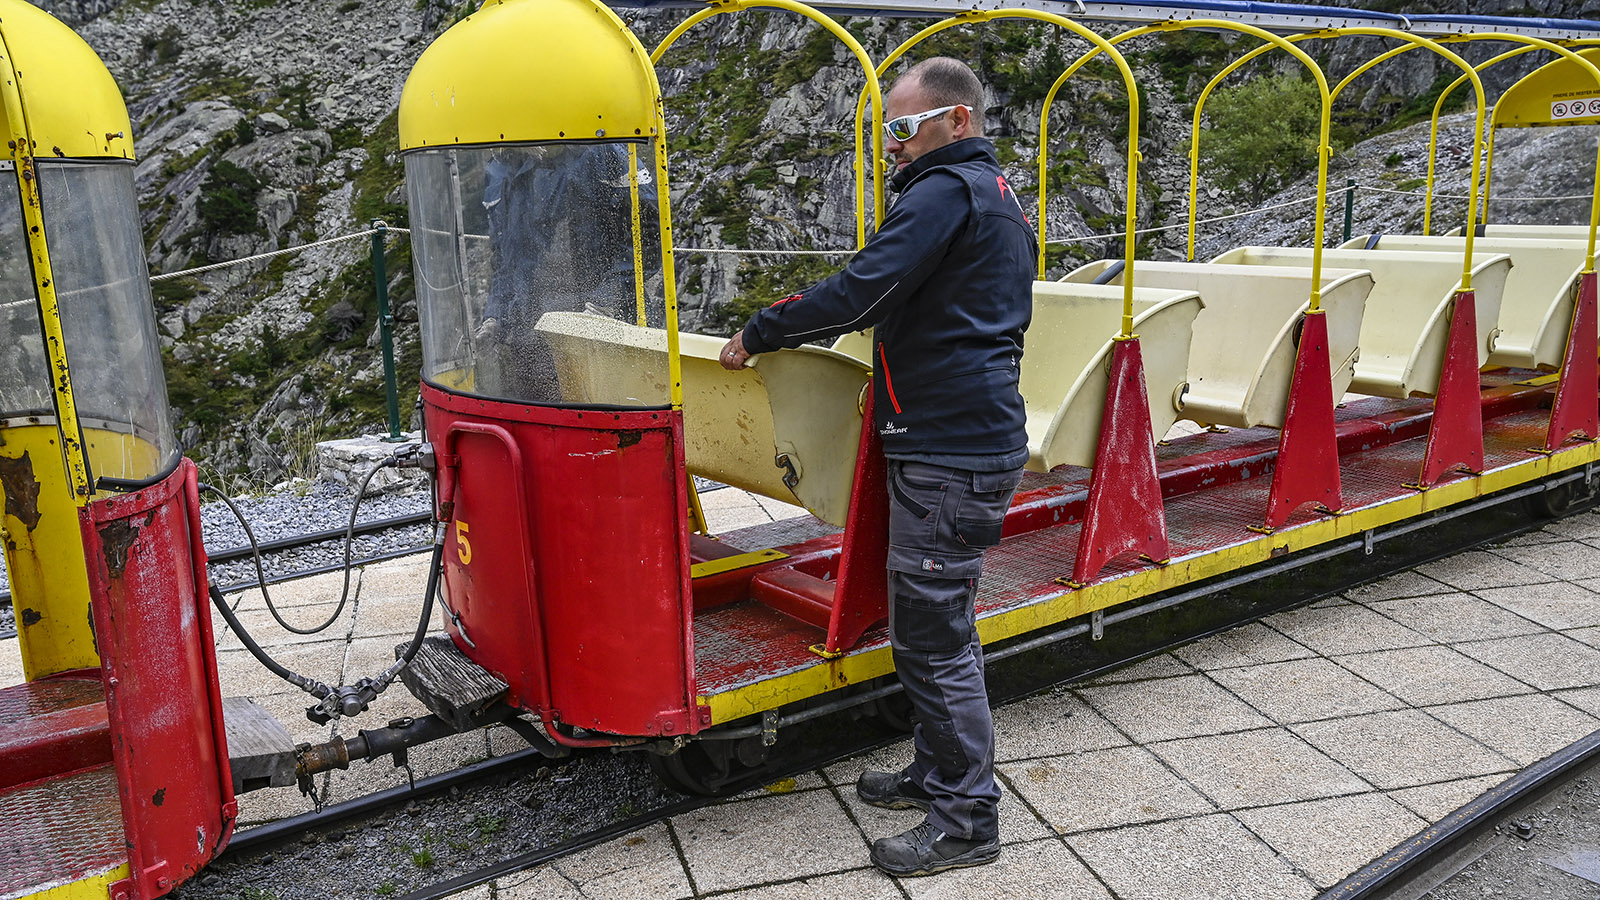 Le Petit Train d'Artouste: Je nach Fahrrichtung des Zuges werden die Sitze passend umgeklappt. Foto: Hilke Maunder